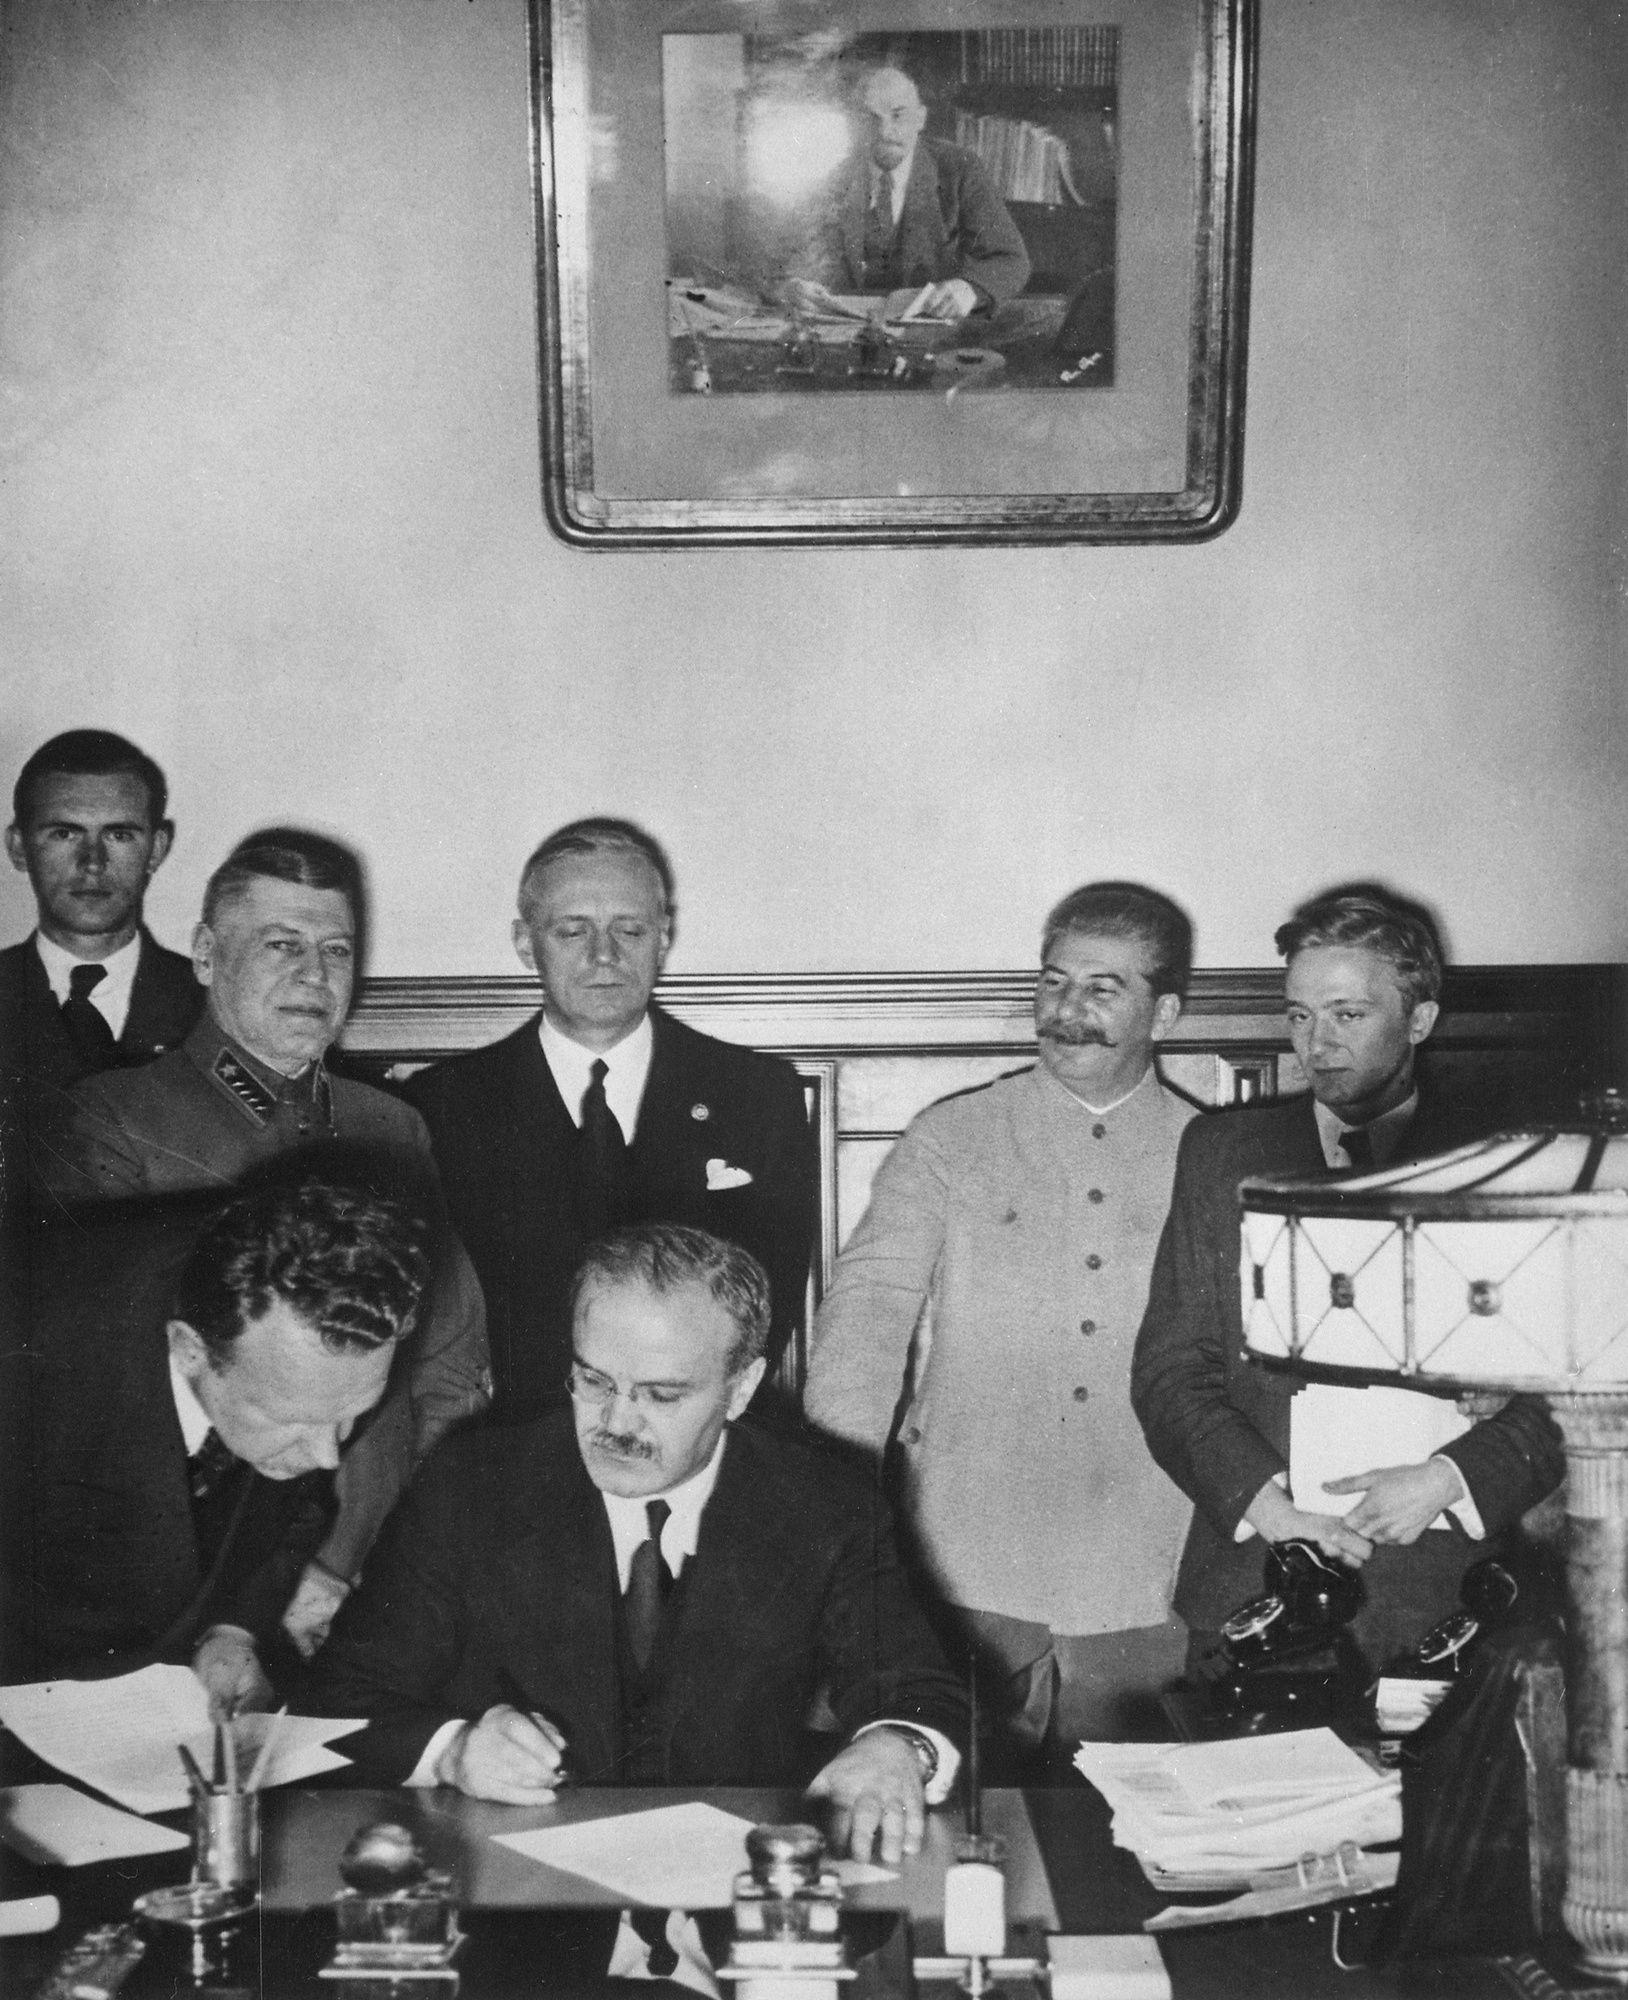 Ribbentrop mógł czuć się zszokowany, kiedy odkrył poczucie humoru Stalina.